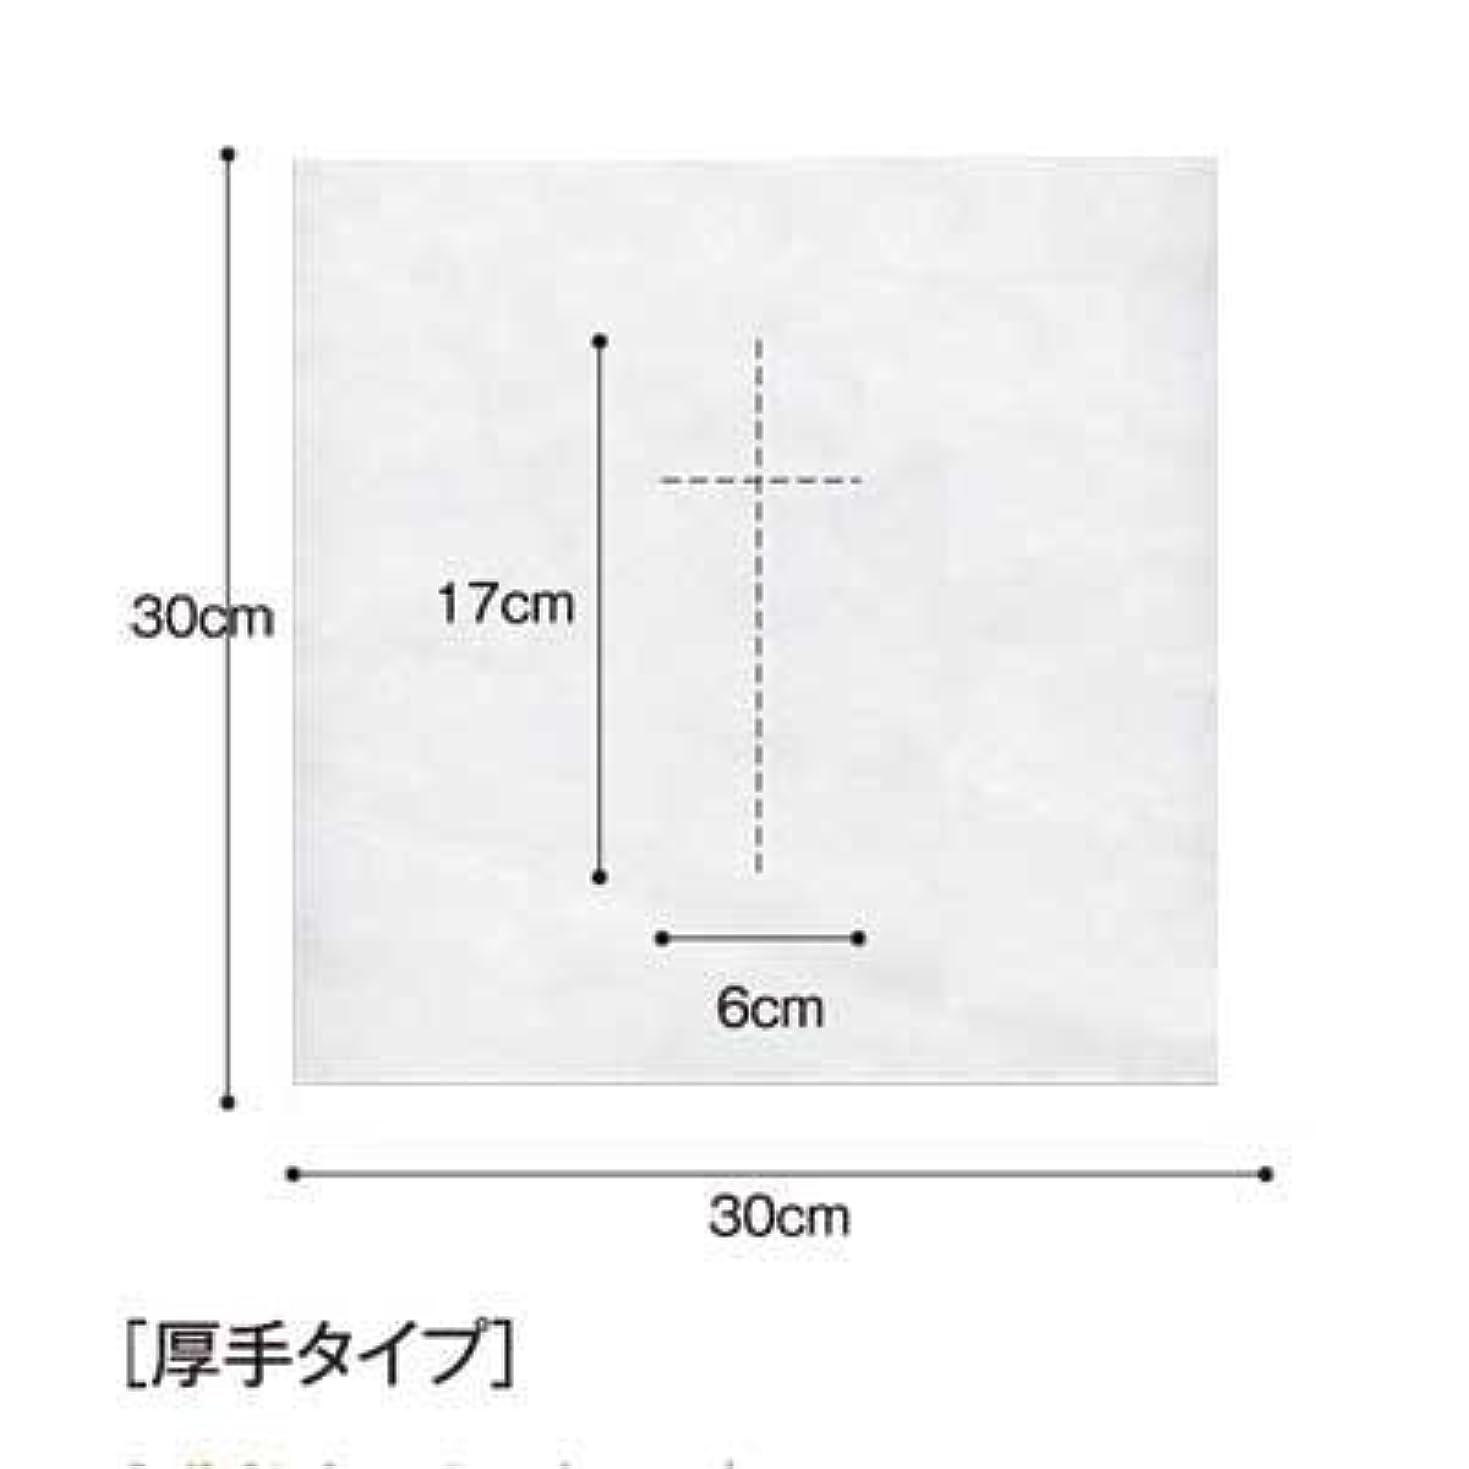 ボーナス遵守するソブリケット(ロータス)LOTUS 日本製 ピロカバー DX 十字カット 100枚入 業務用 マッサージ 、エステ 厚みのあるタイプ